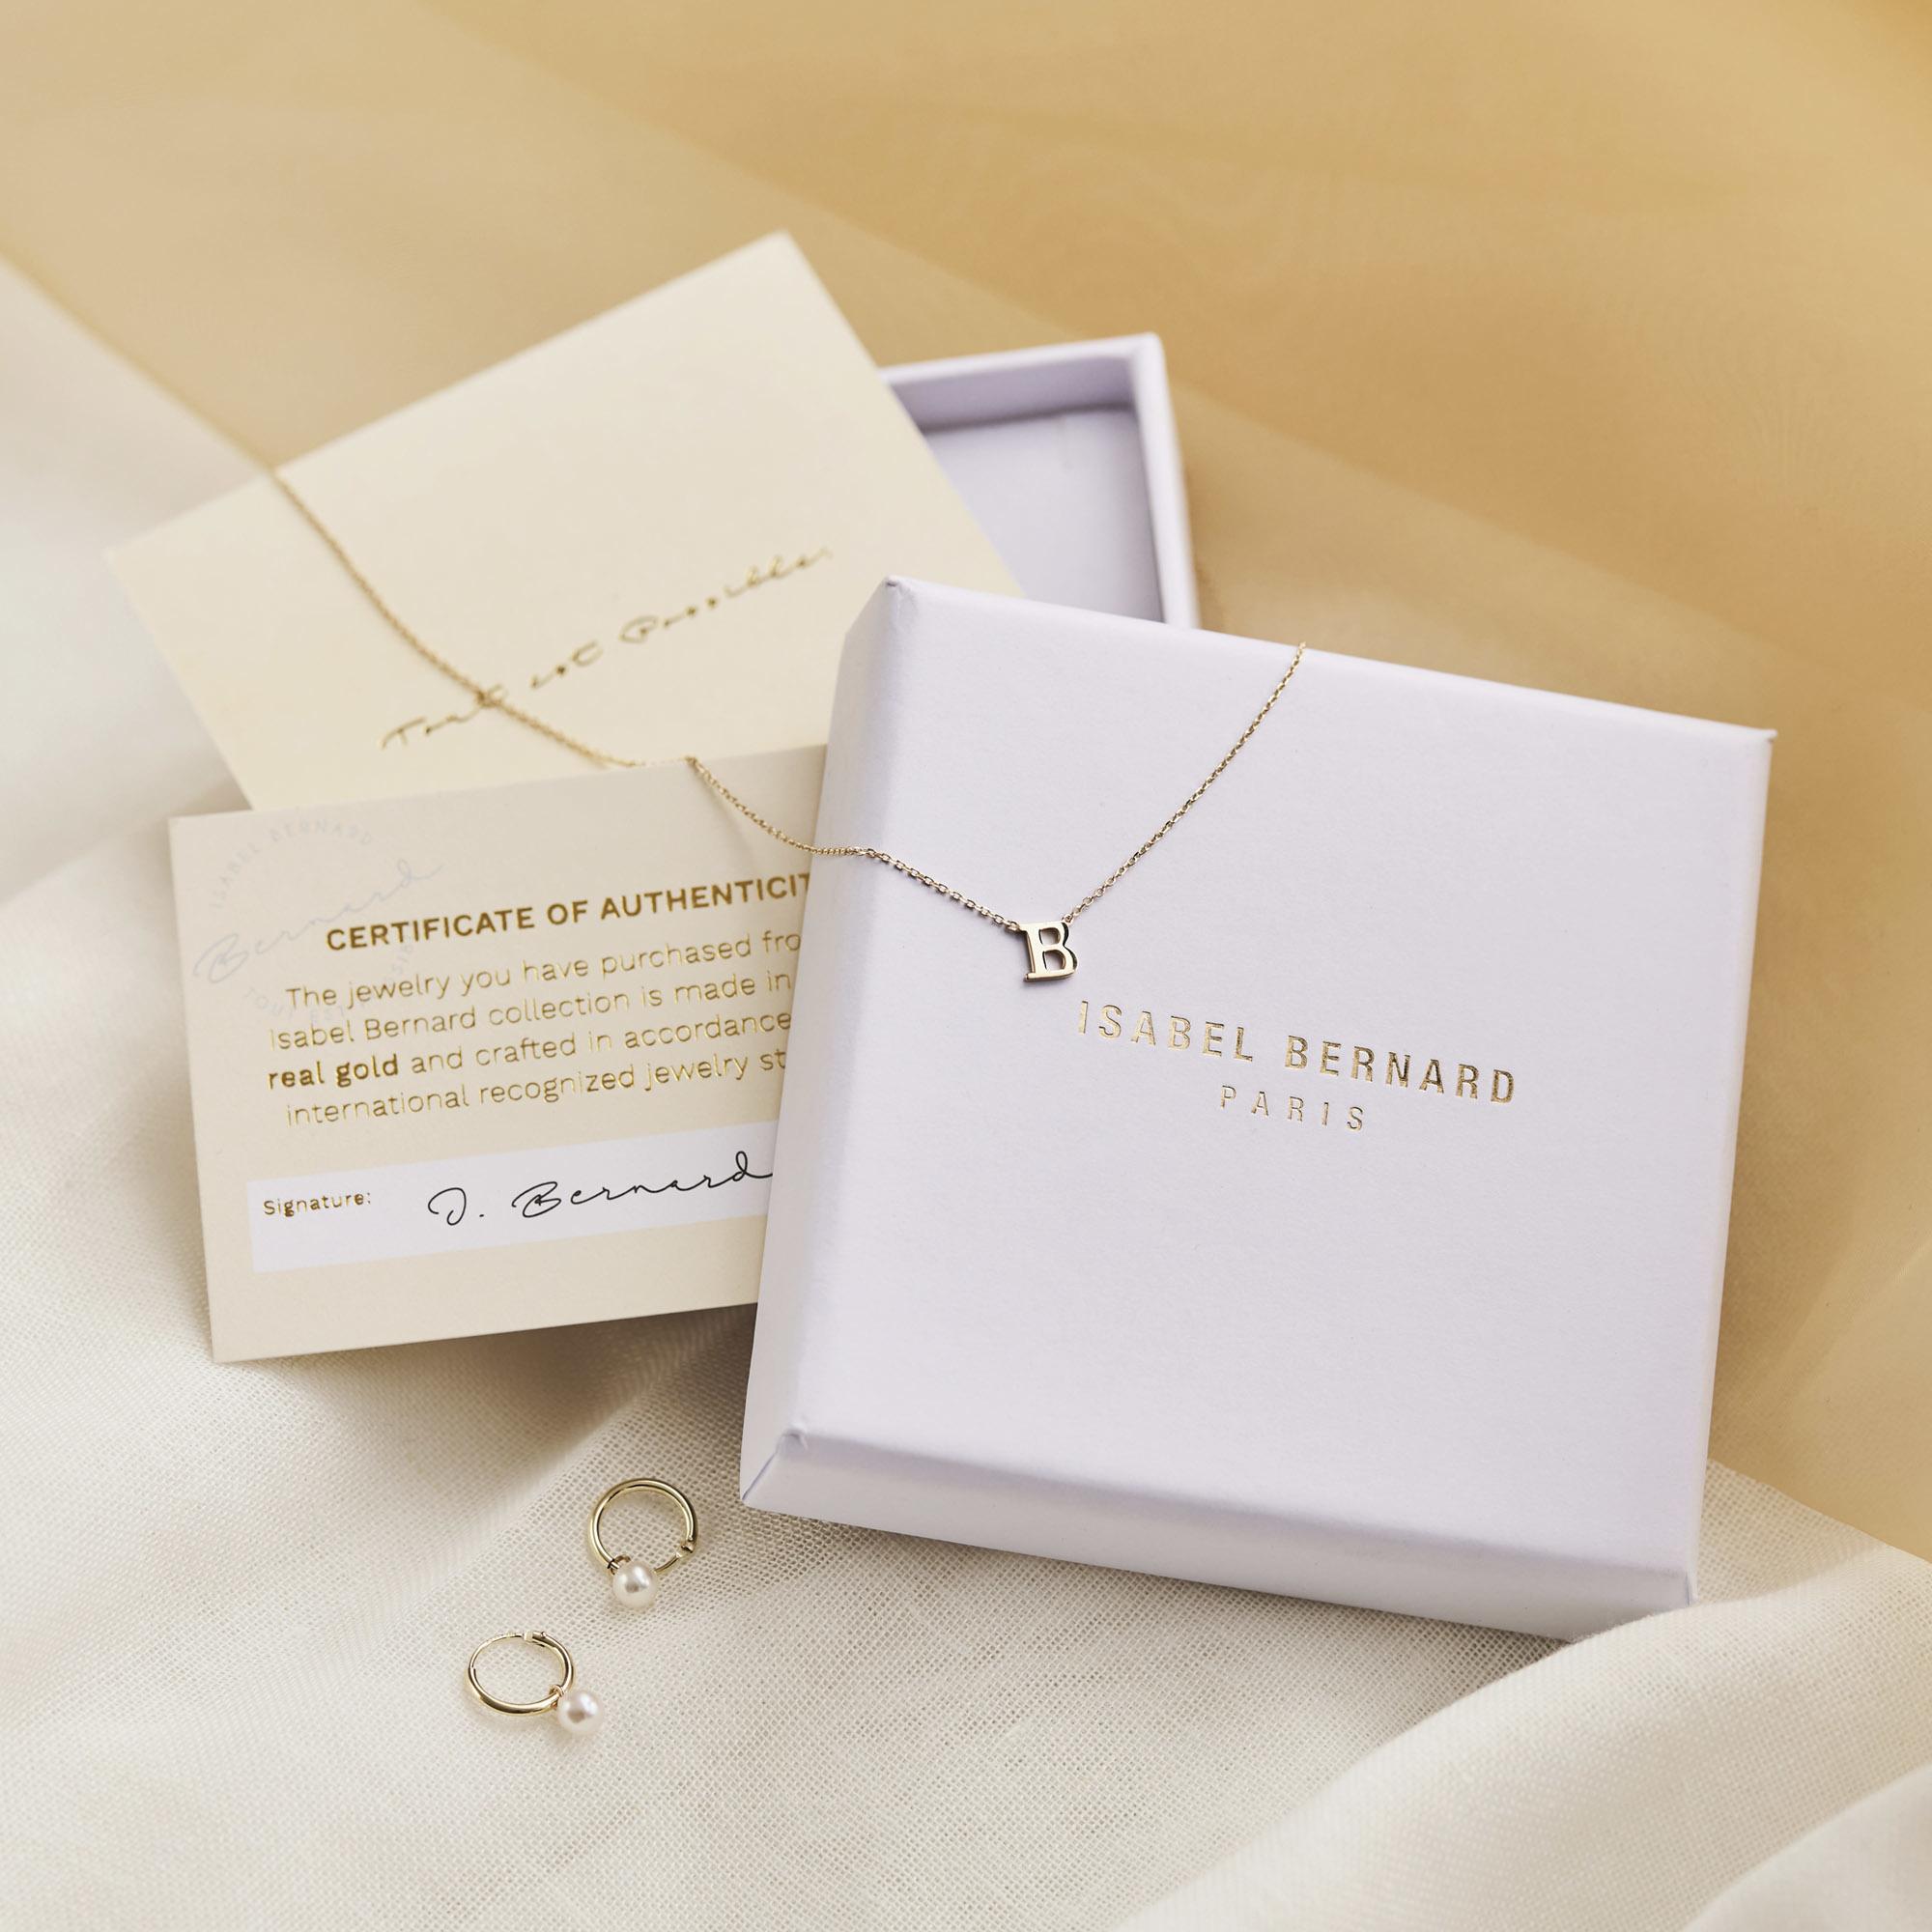 Isabel Bernard La Concorde Chloé 14 karat rose guld initial halskæde